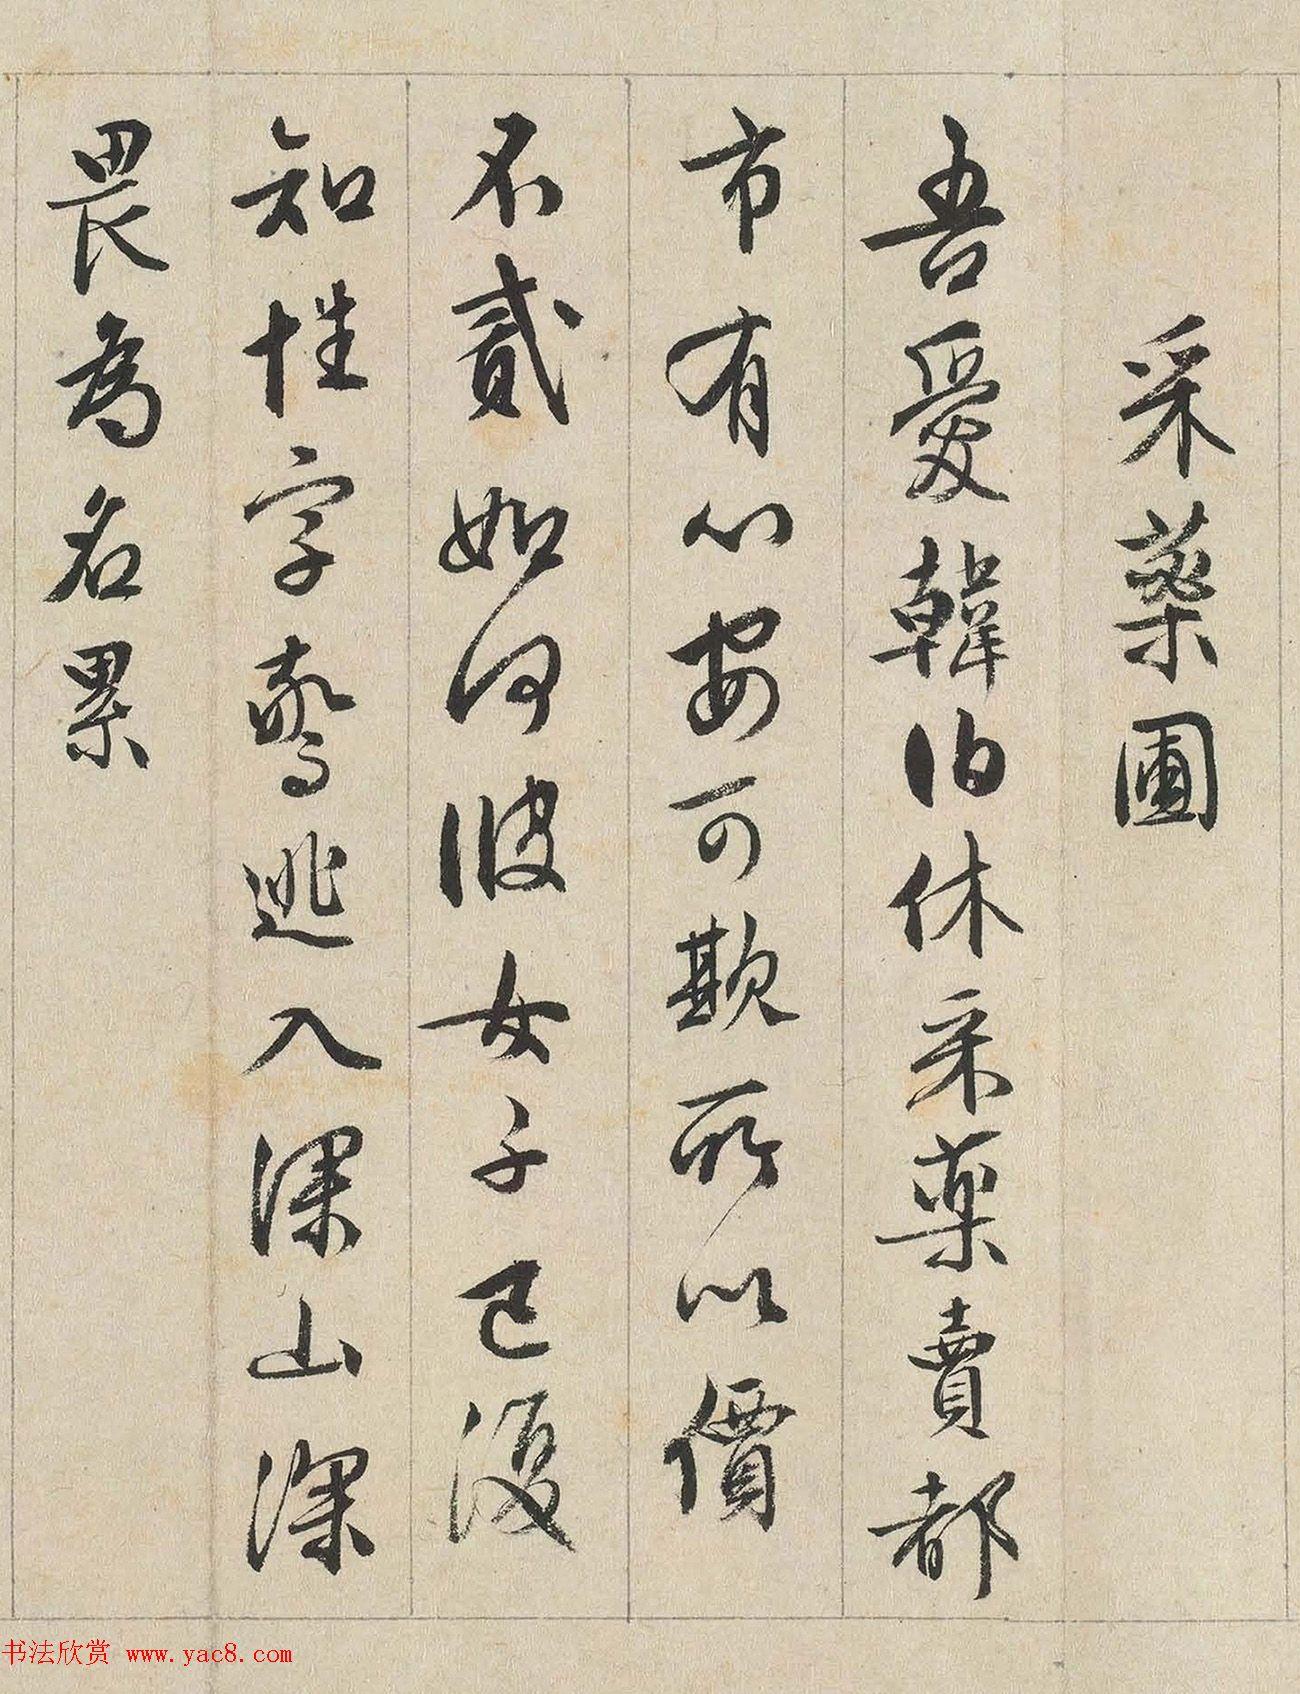 文徵明行书《独乐园七咏+东坡独乐园诗》